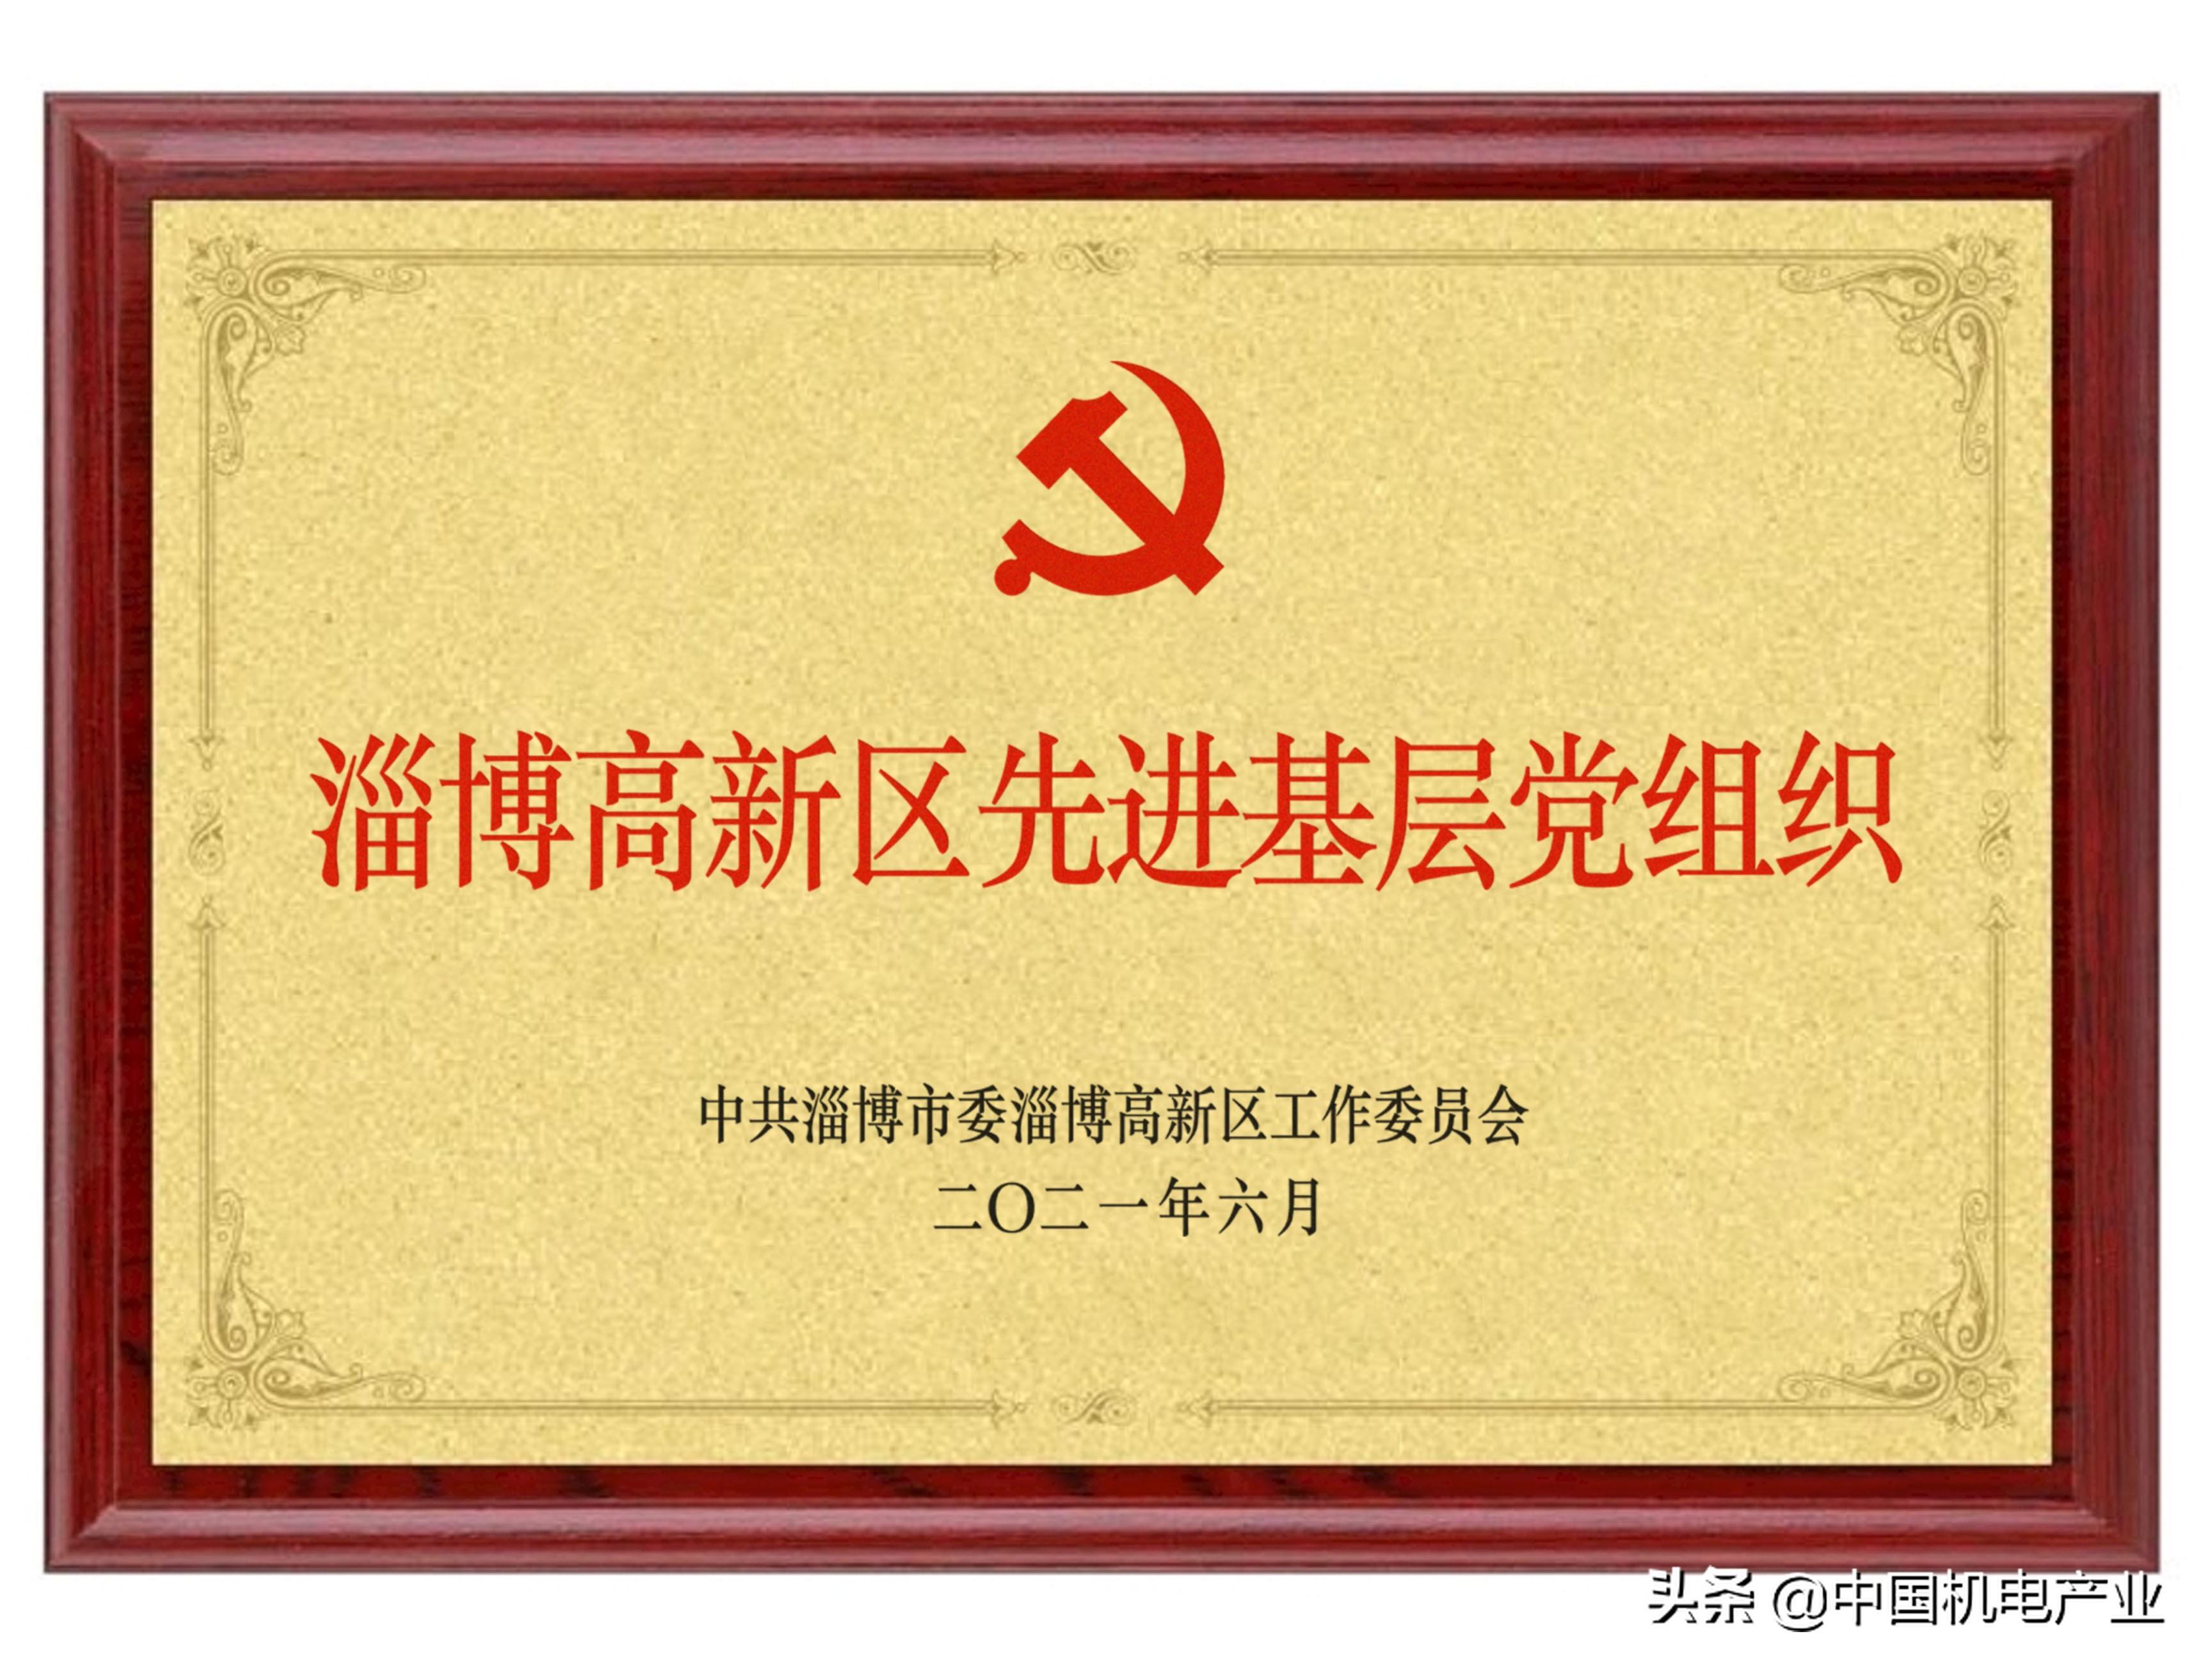 """德和泰集团党支部荣获""""先进基层党组织""""称号"""